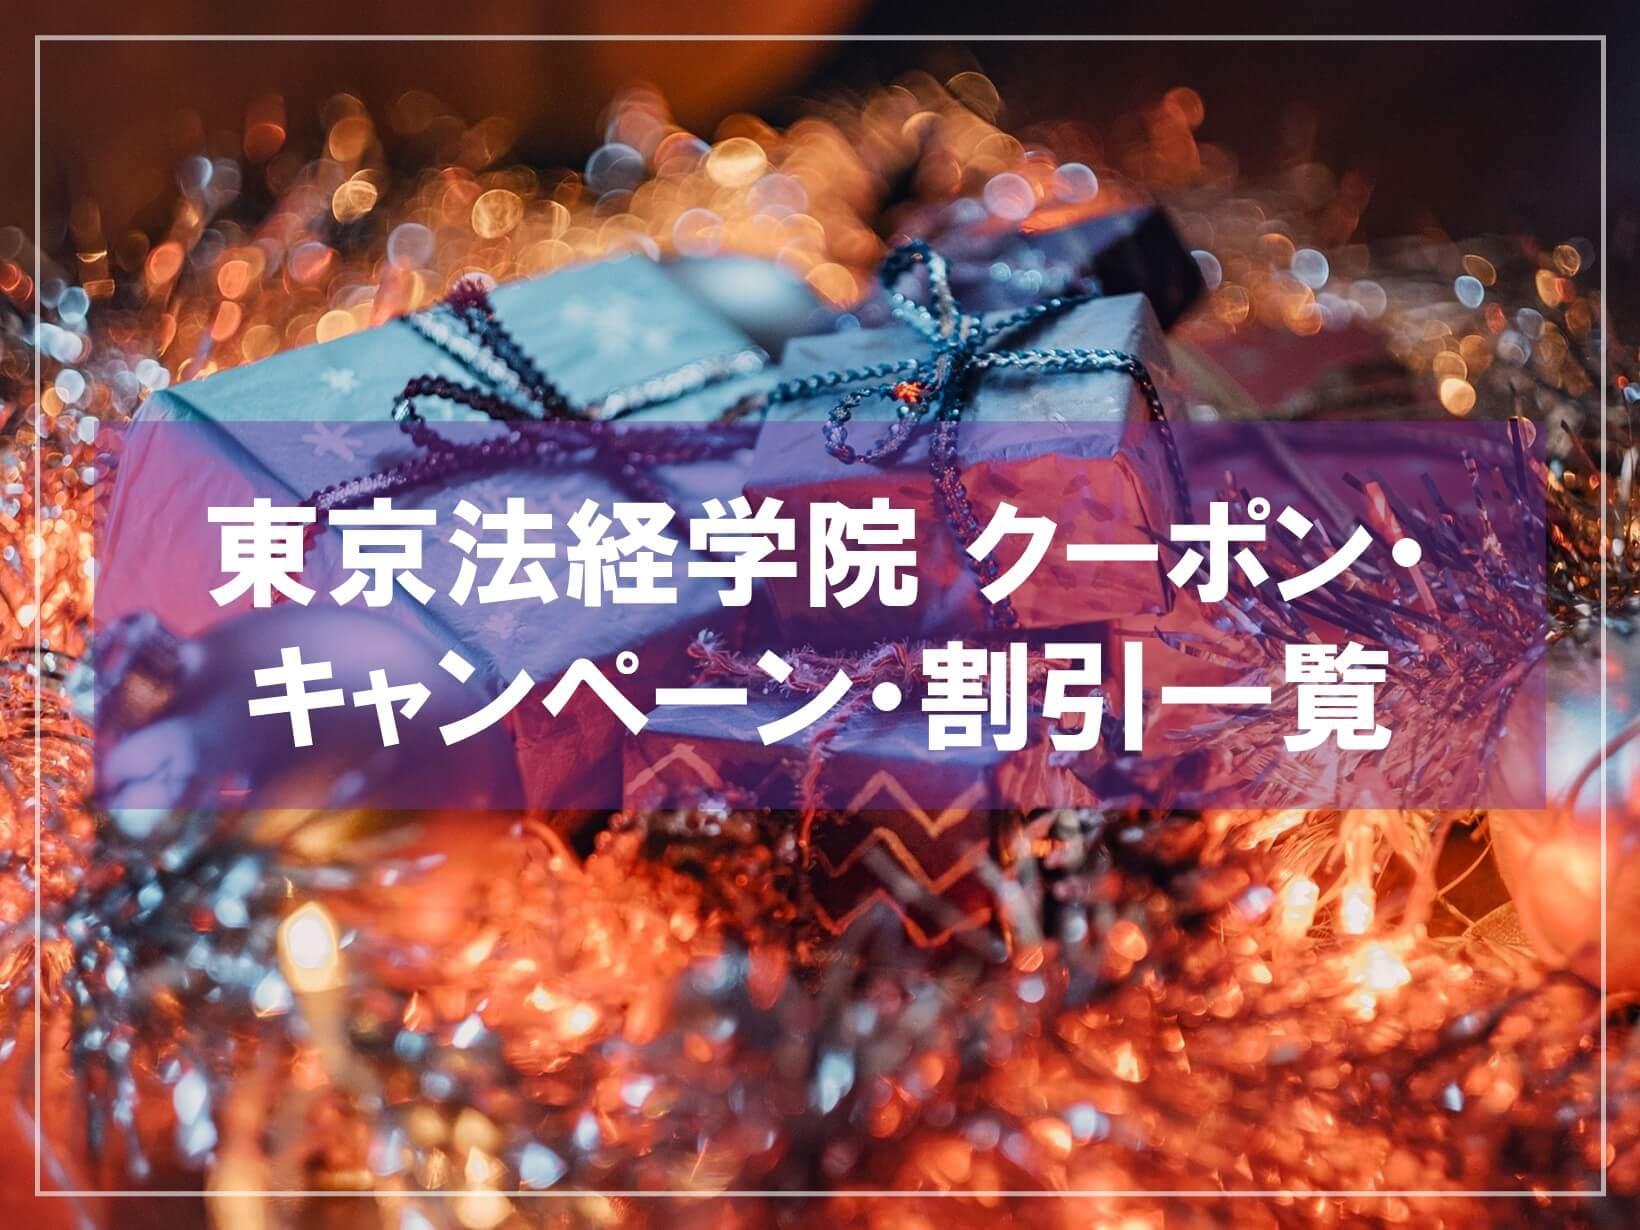 東京法経学院 クーポン・キャンペーン・お得な情報一覧